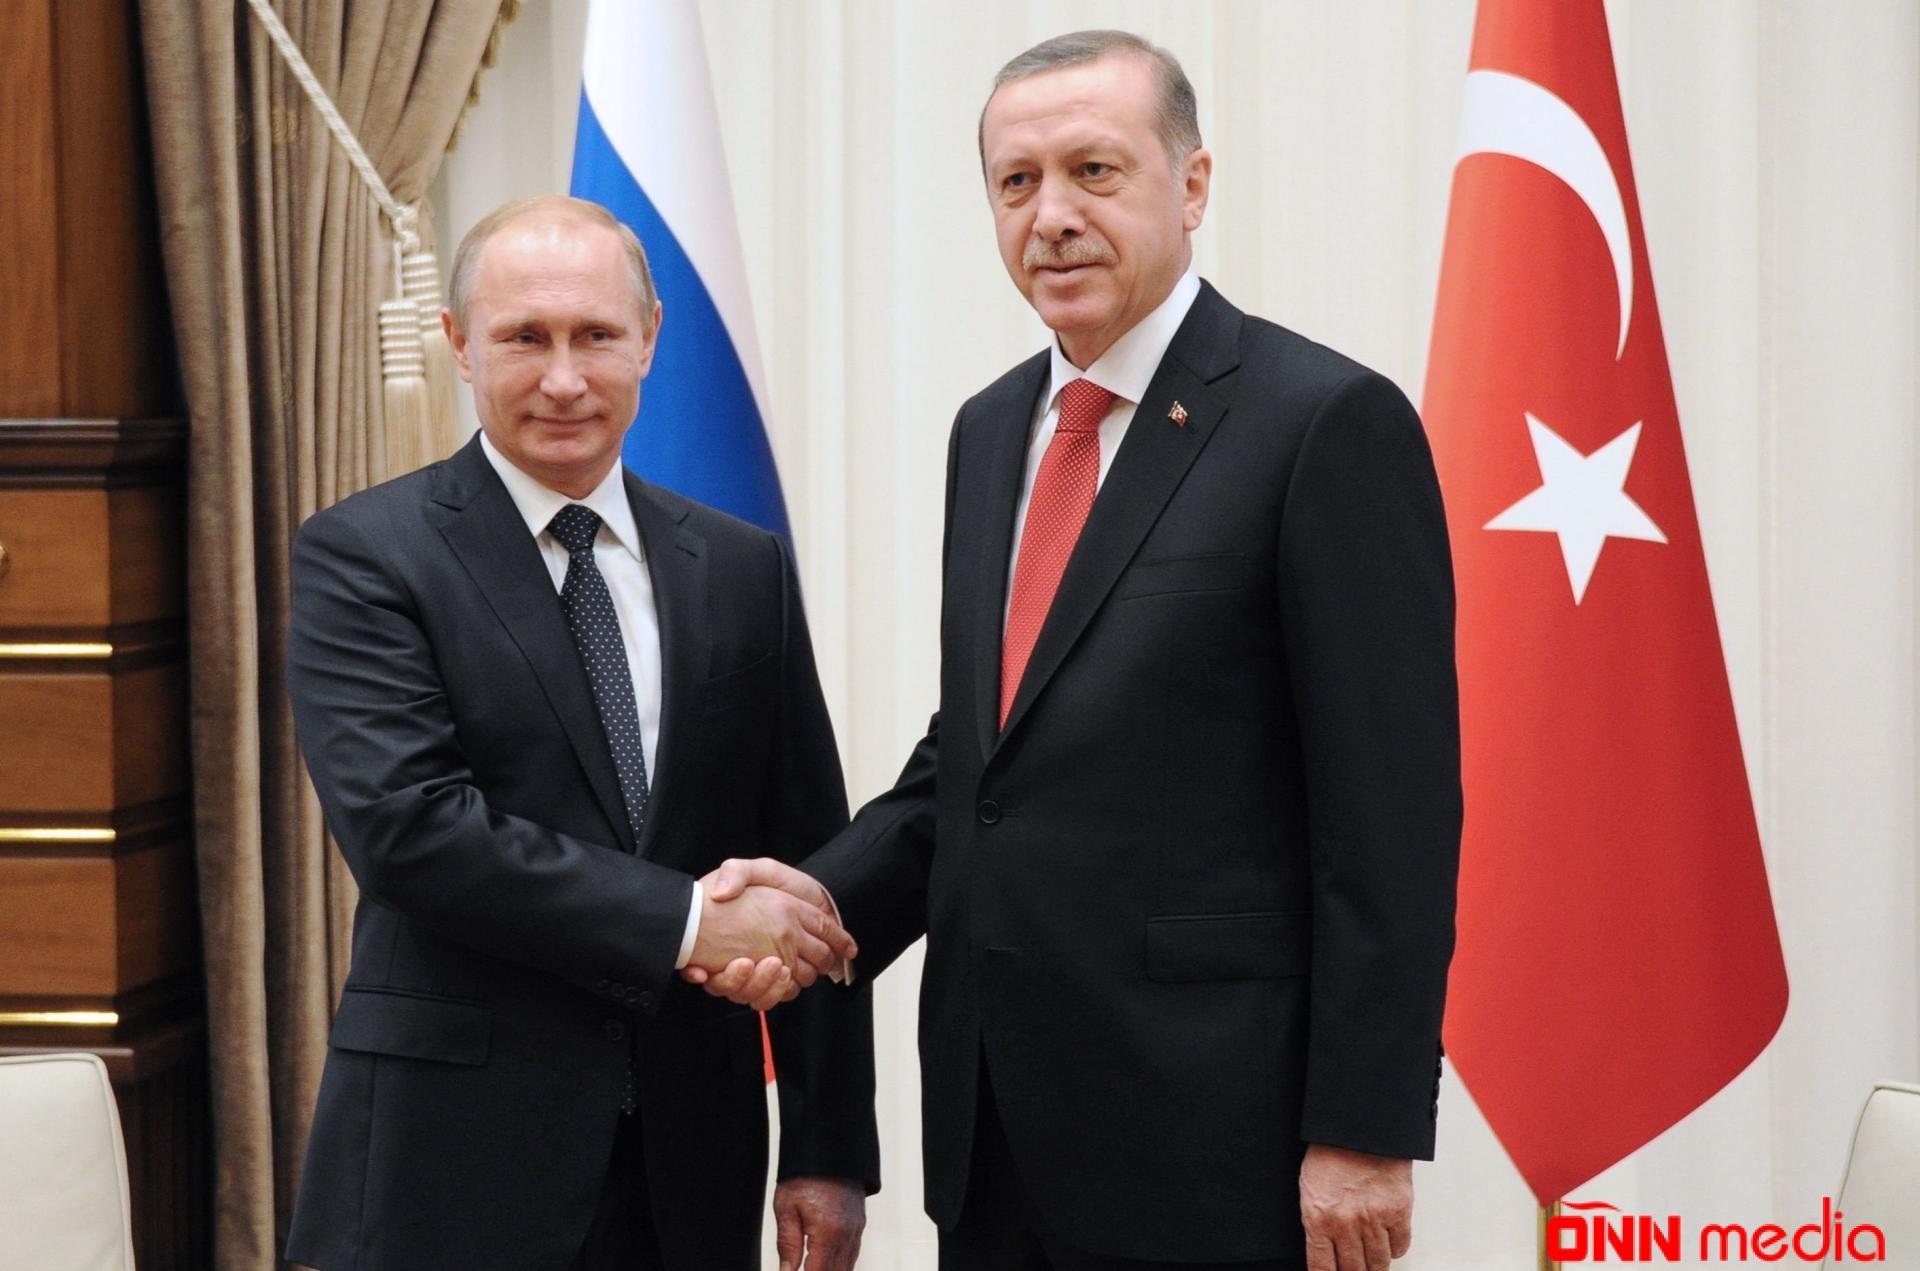 Putin və Ərdoğan telefonla hansı məsələləri müzakirə ediblər?